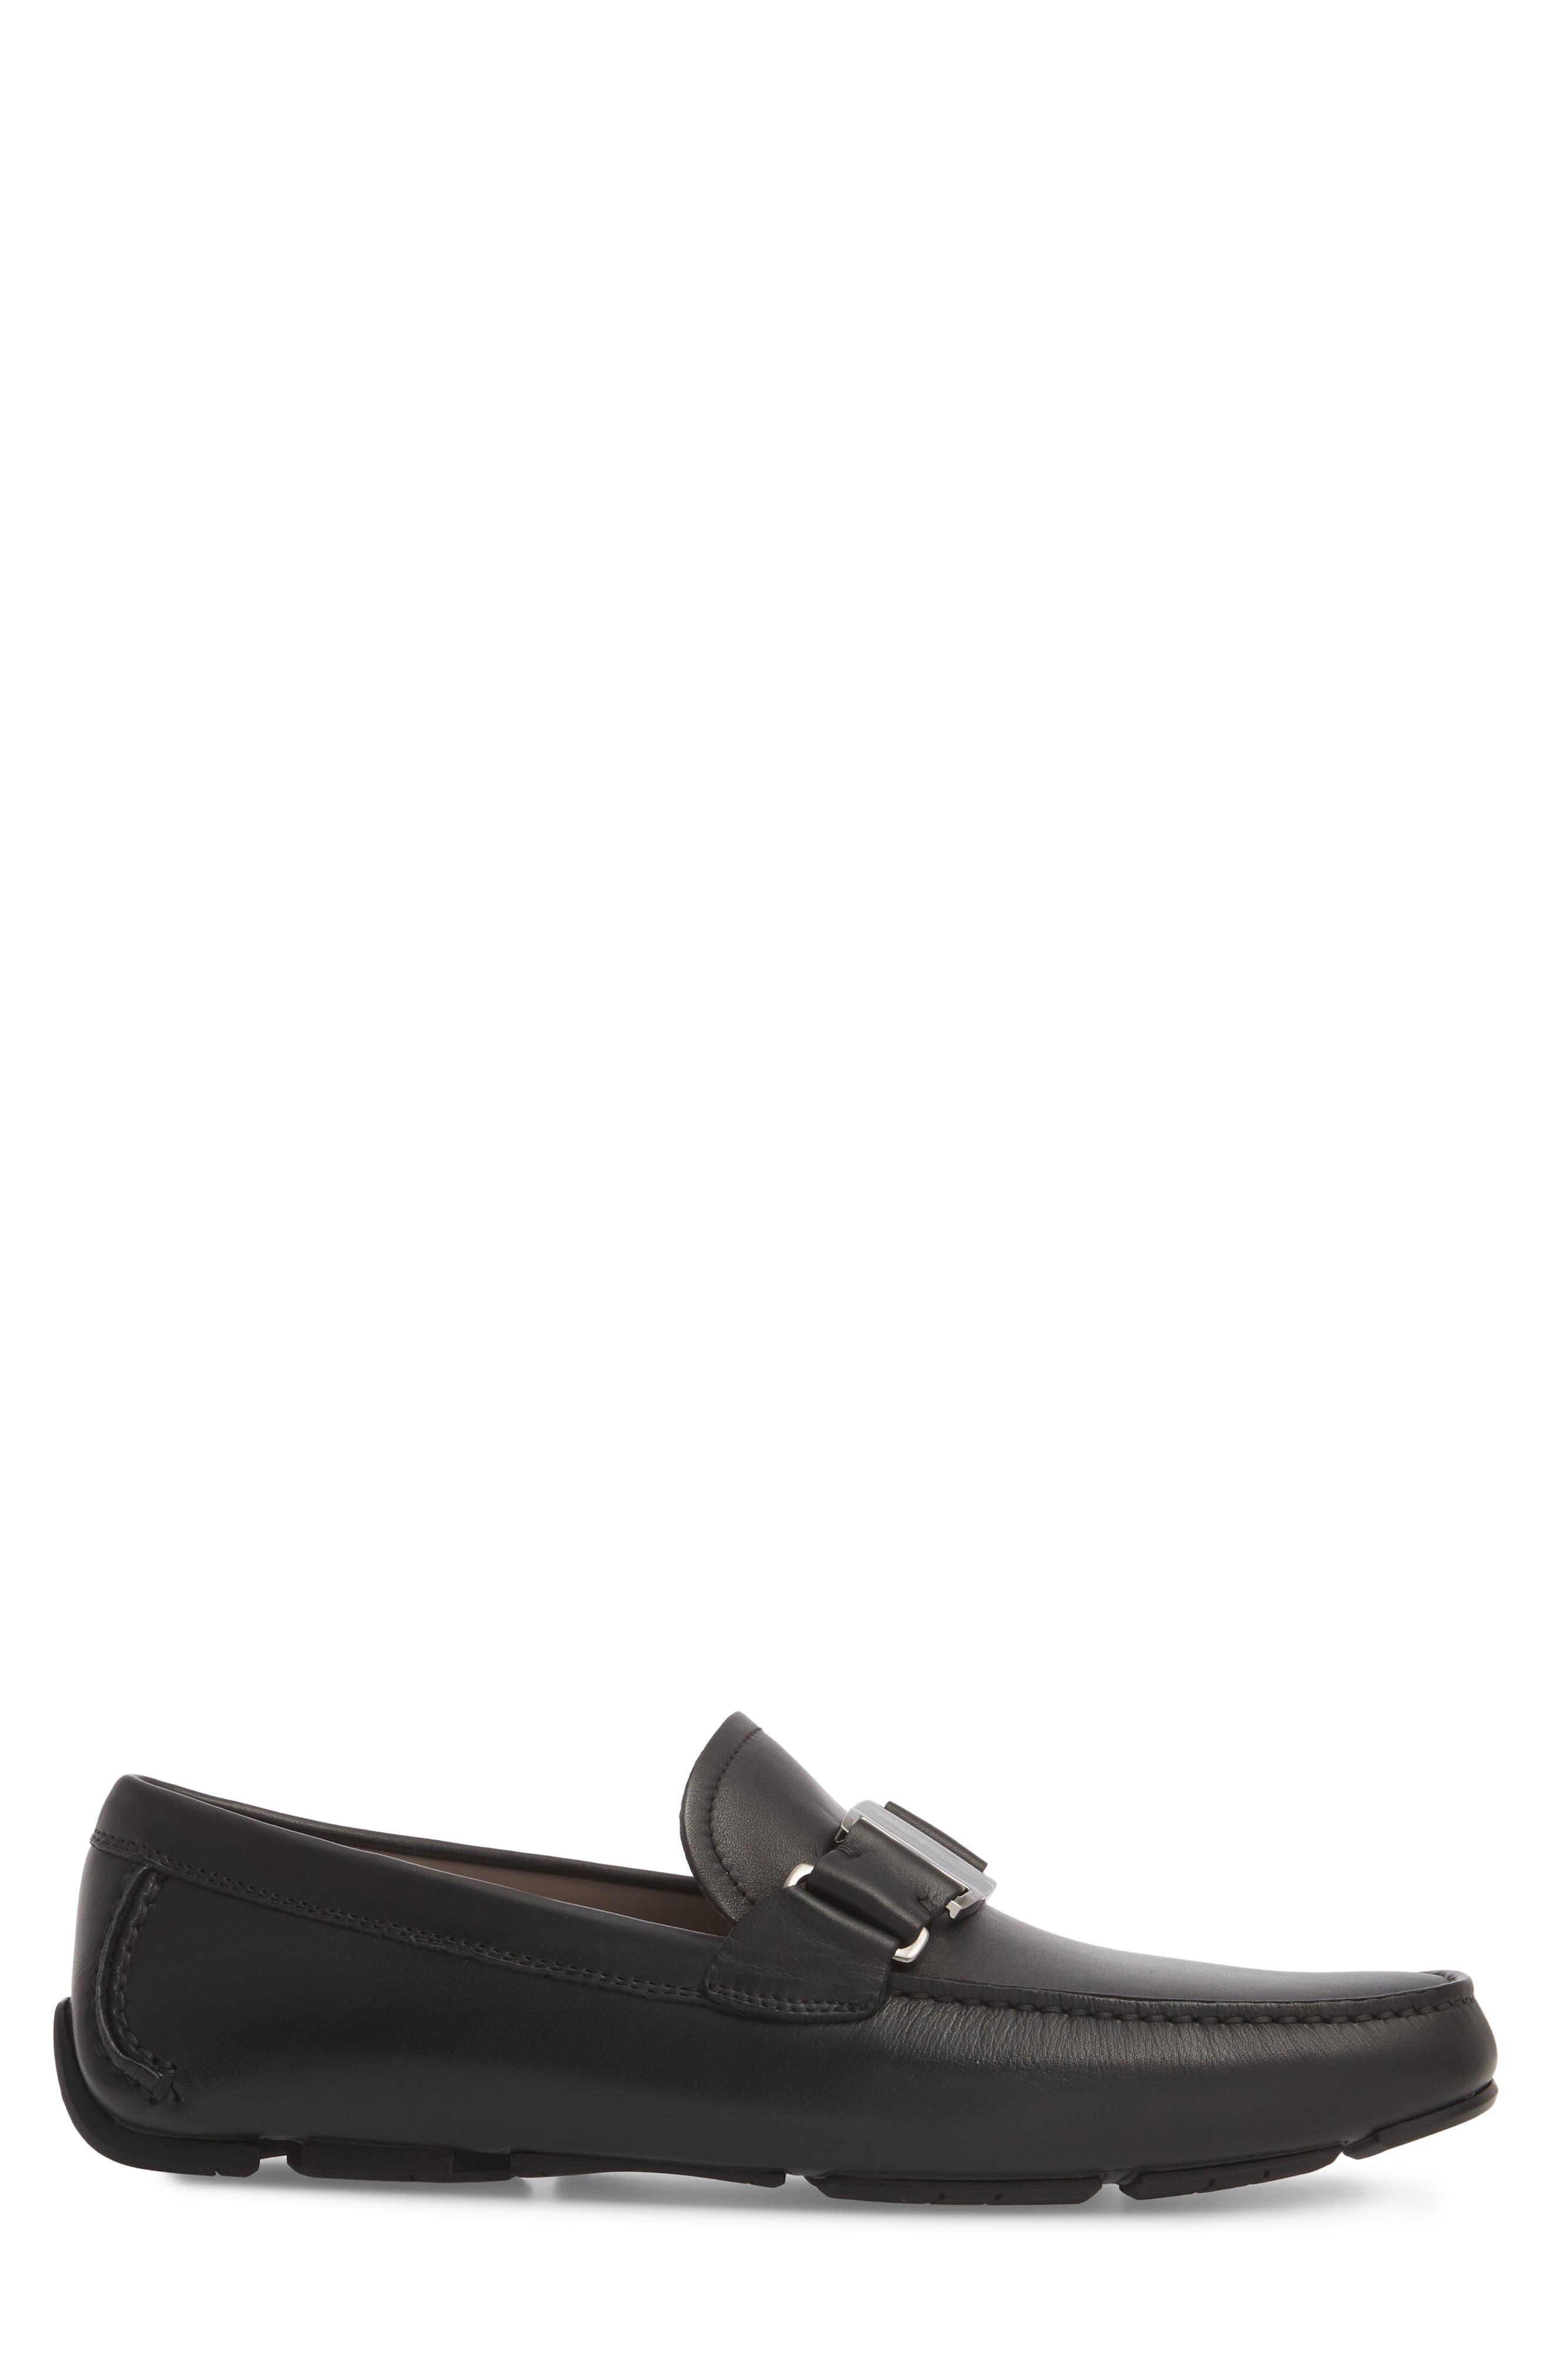 Sardegna Driving Shoe,                             Alternate thumbnail 3, color,                             BLACK LEATHER